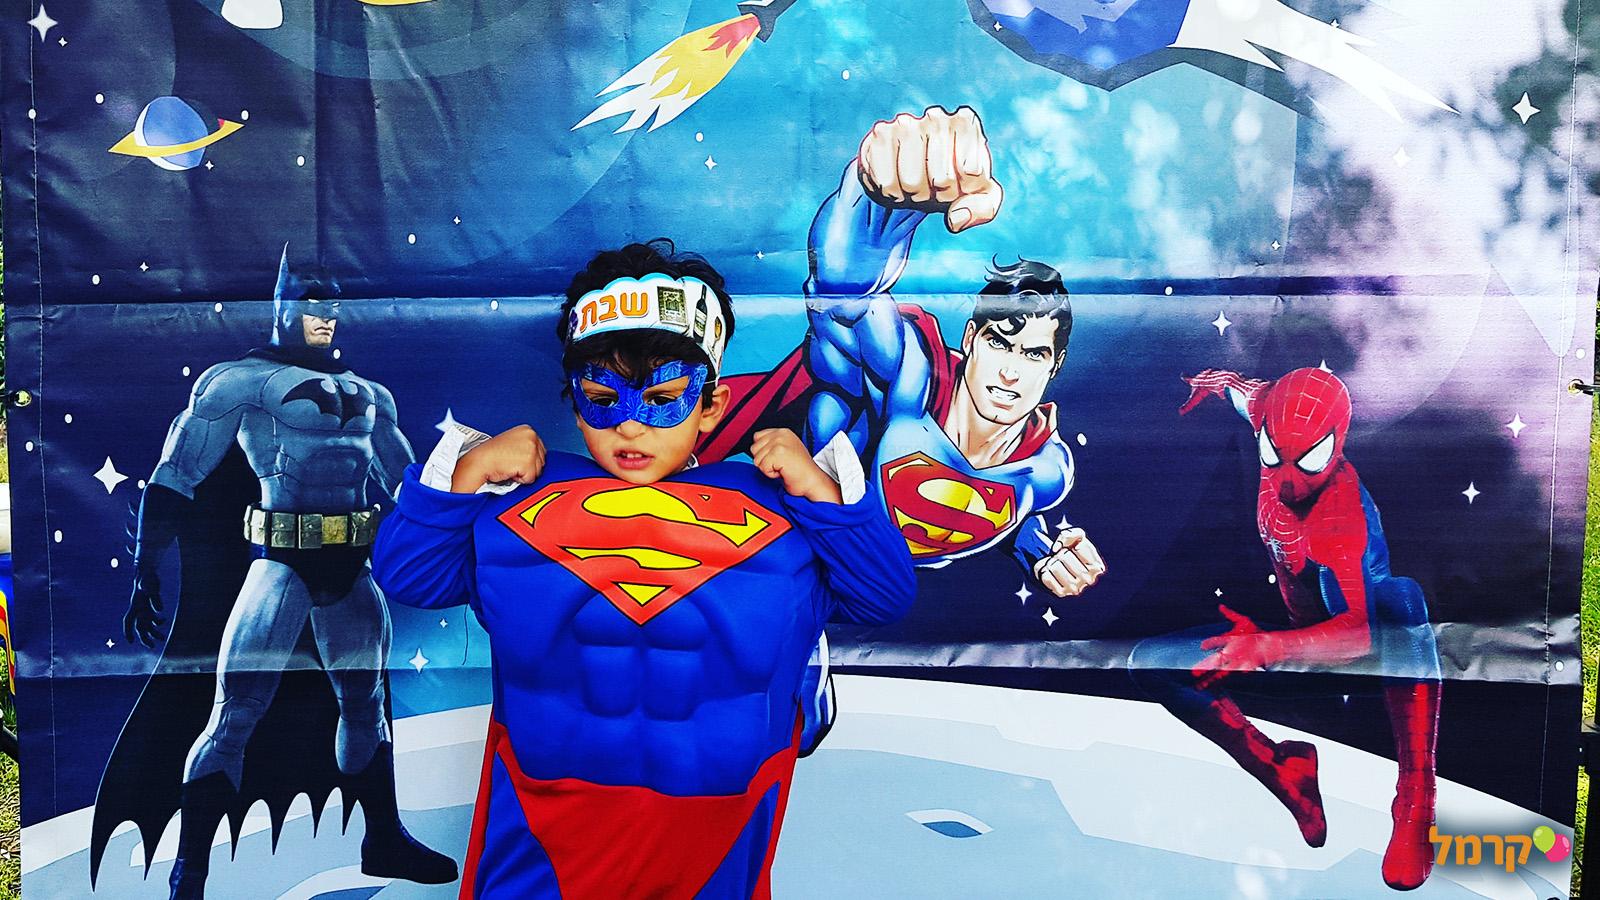 גיבורי העל מצילים את הגלקסיה - 073-7596320